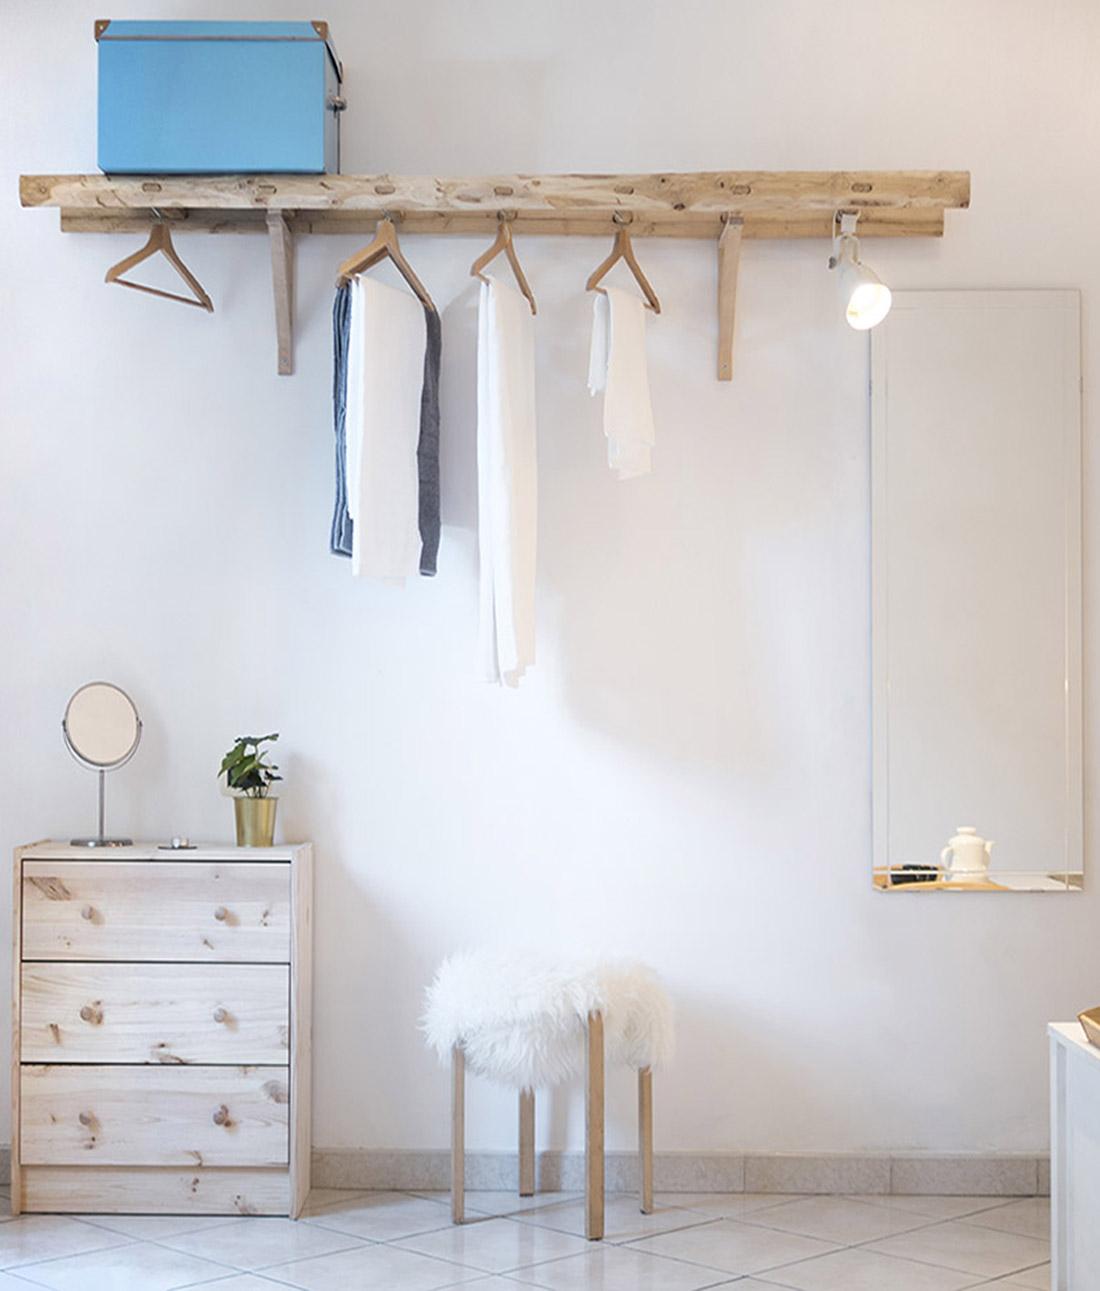 s-eframo-lovely-house-bnb-appendiabiti-scala-camera-letto-low-cost-interior-design-basso-napoli